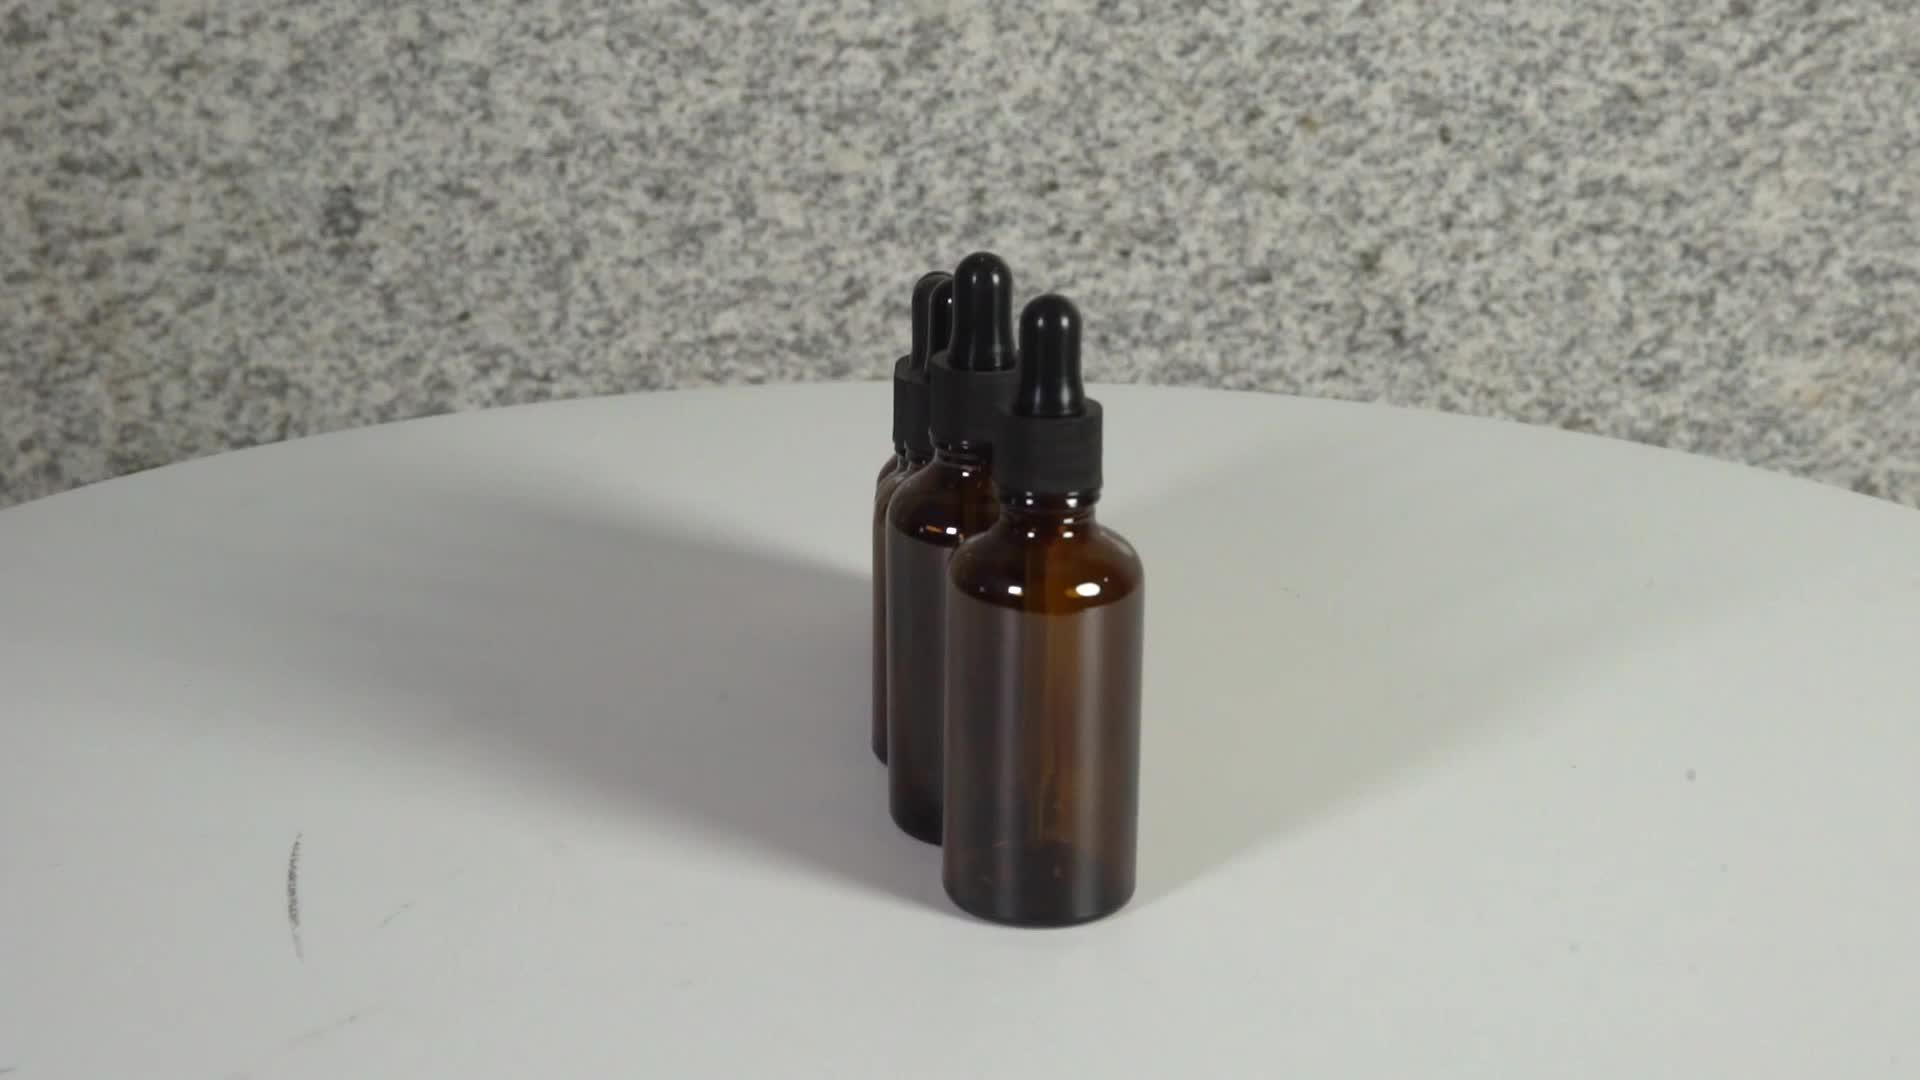 琥珀色の精油ロールグラスロールオン香水瓶 10 ミリリットル